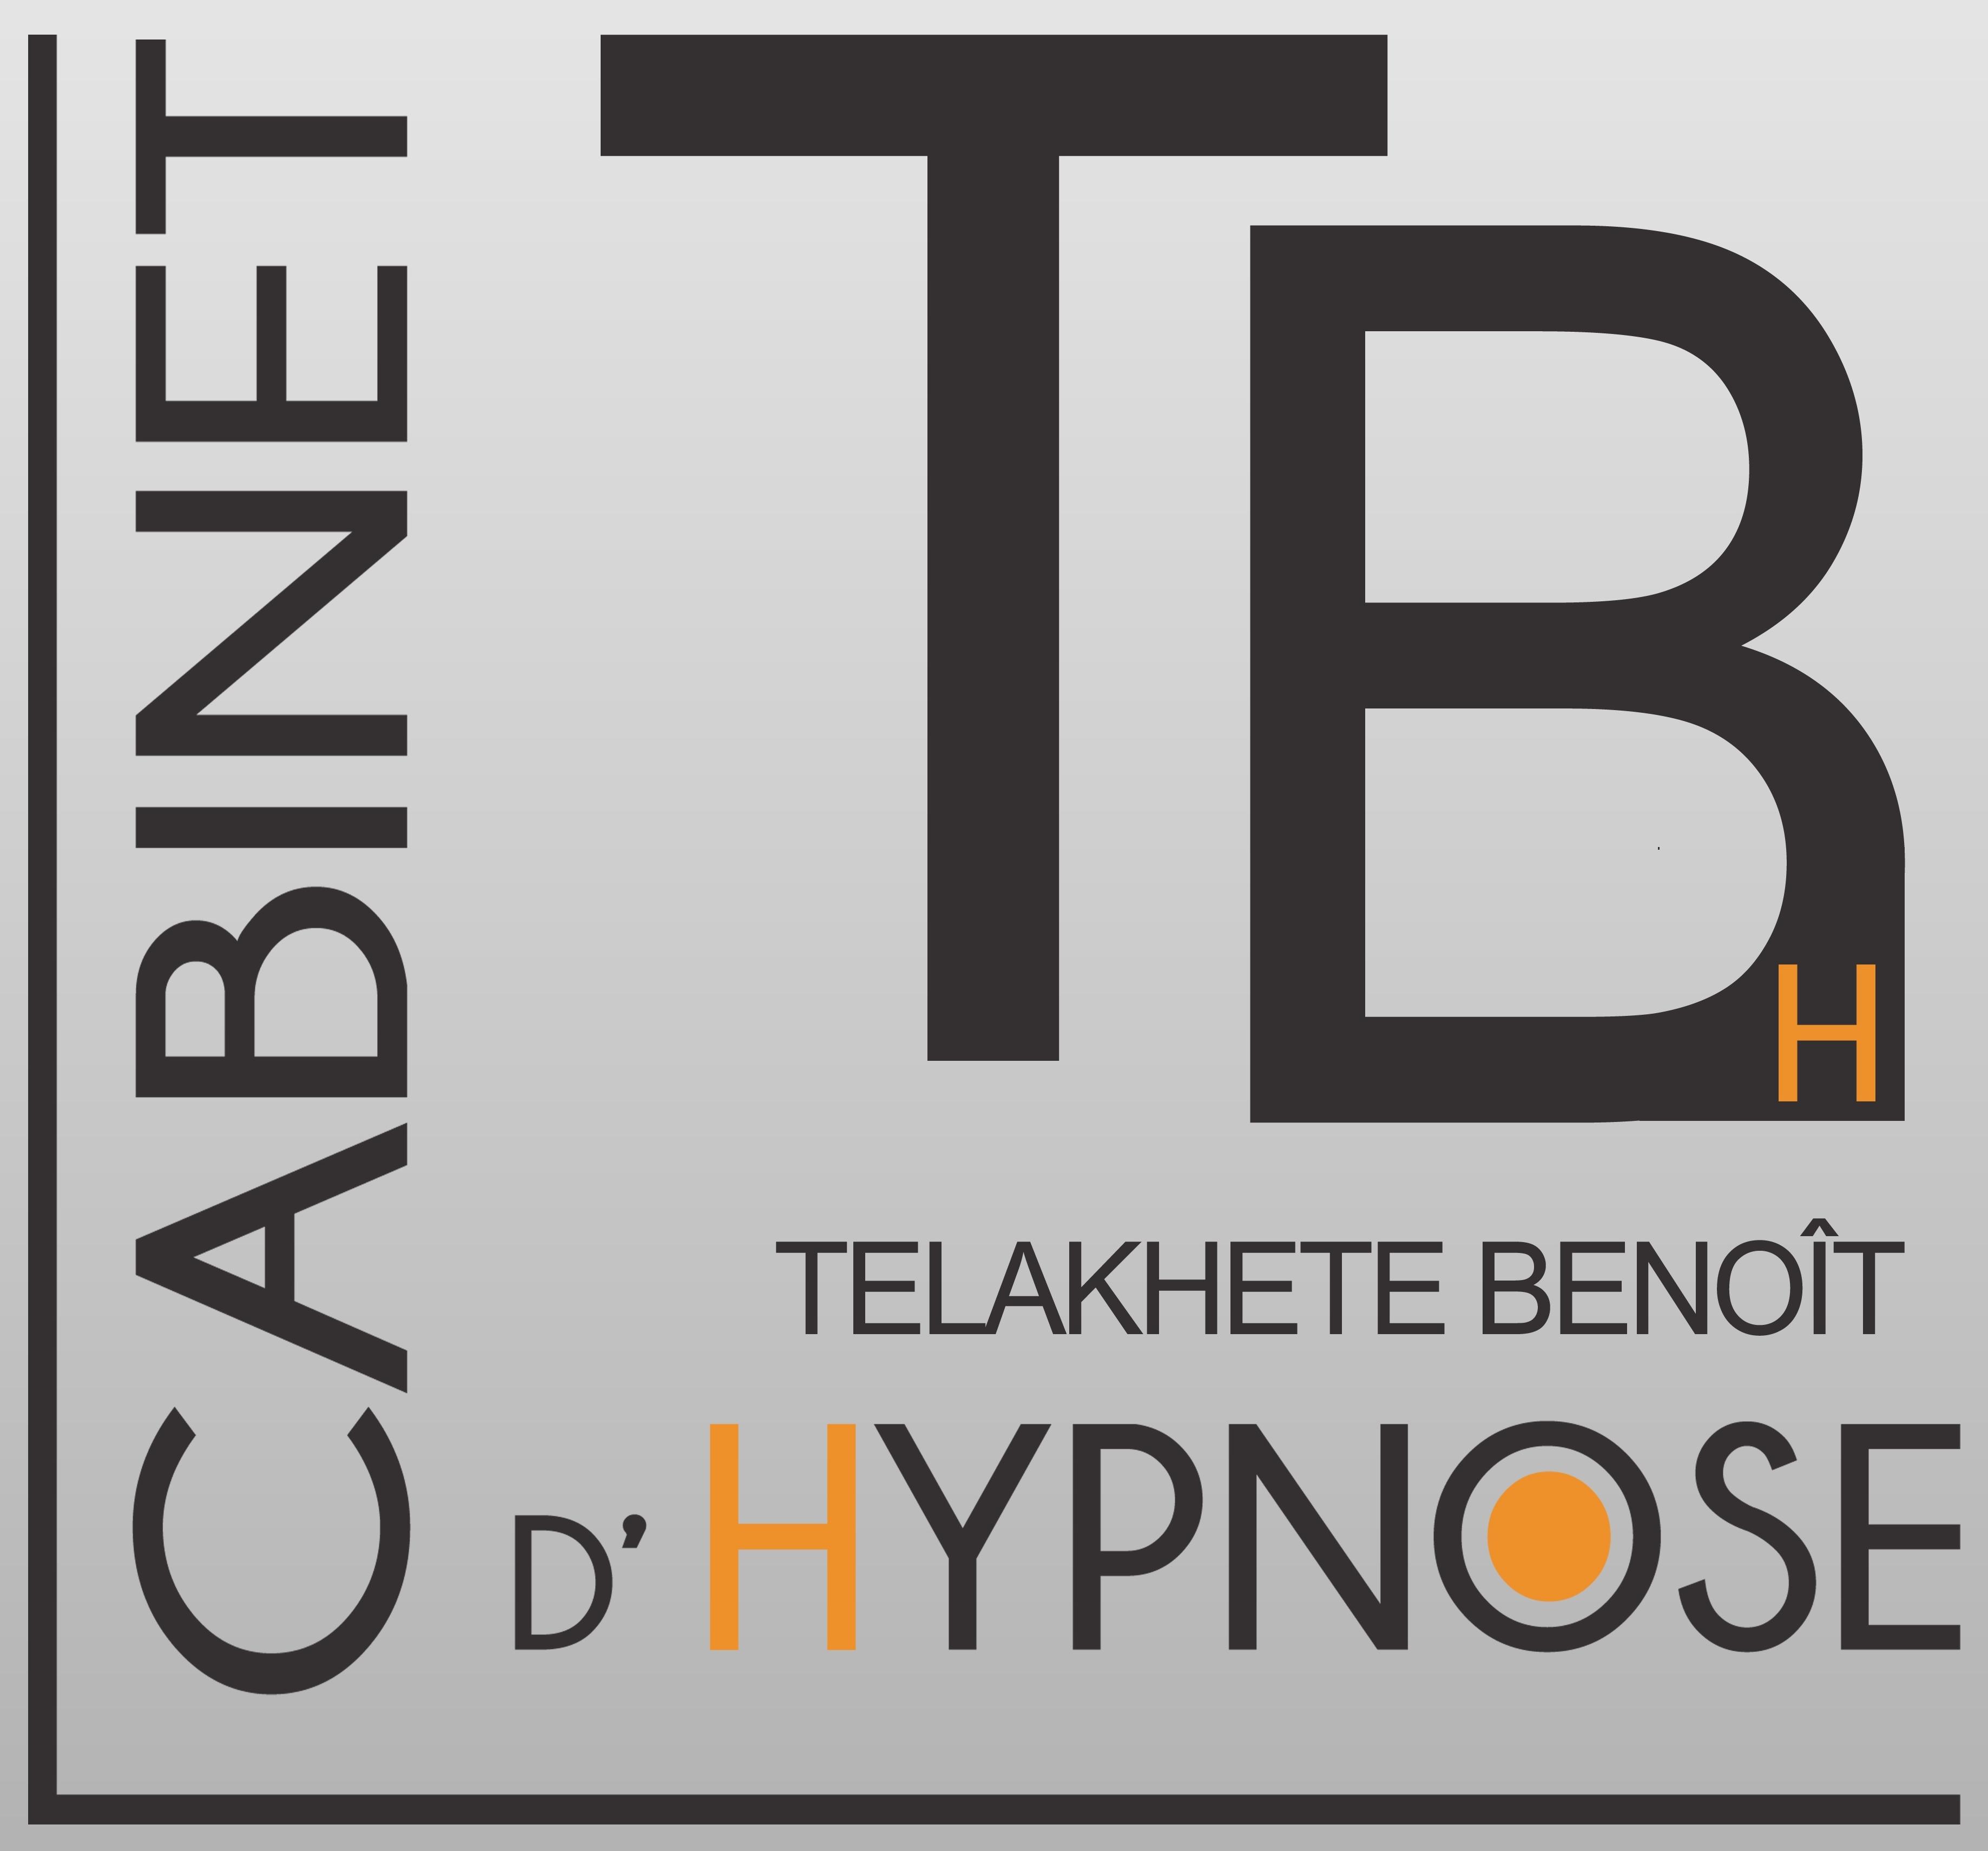 Benoît TELAKHETE Hypnothérapeute à Beuzeville hypnothérapeute